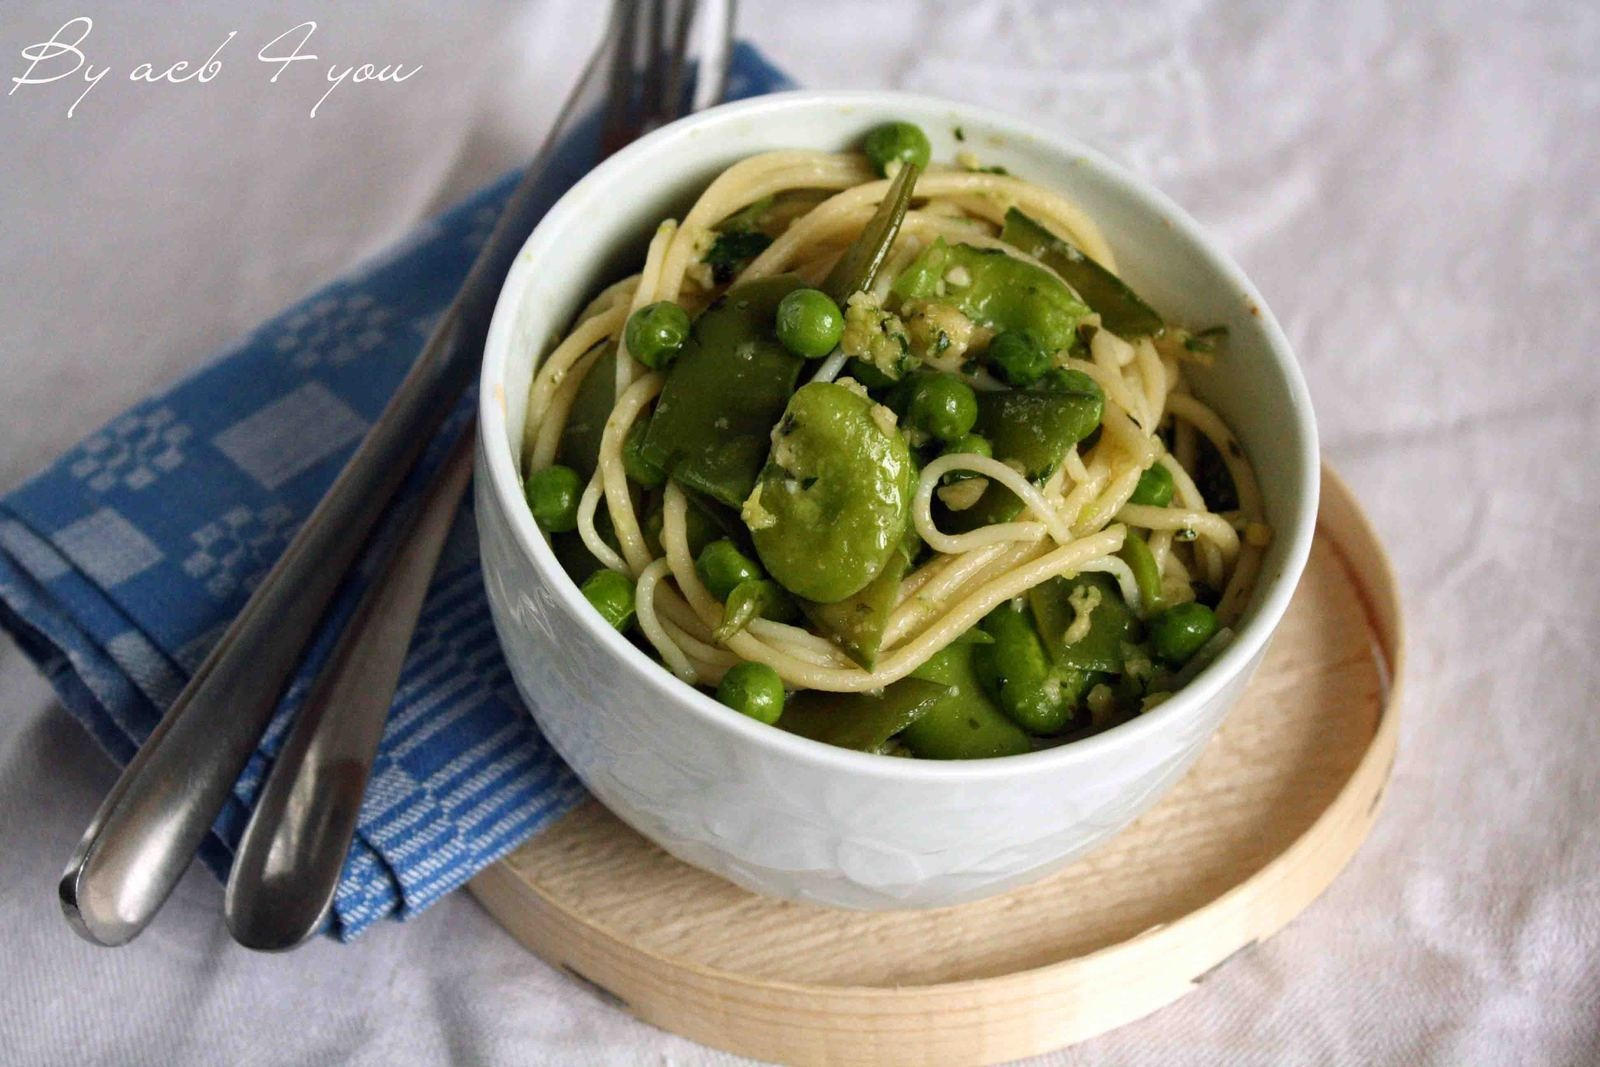 Spaghetti aux légumes verts, pesto de roquette aux amandes